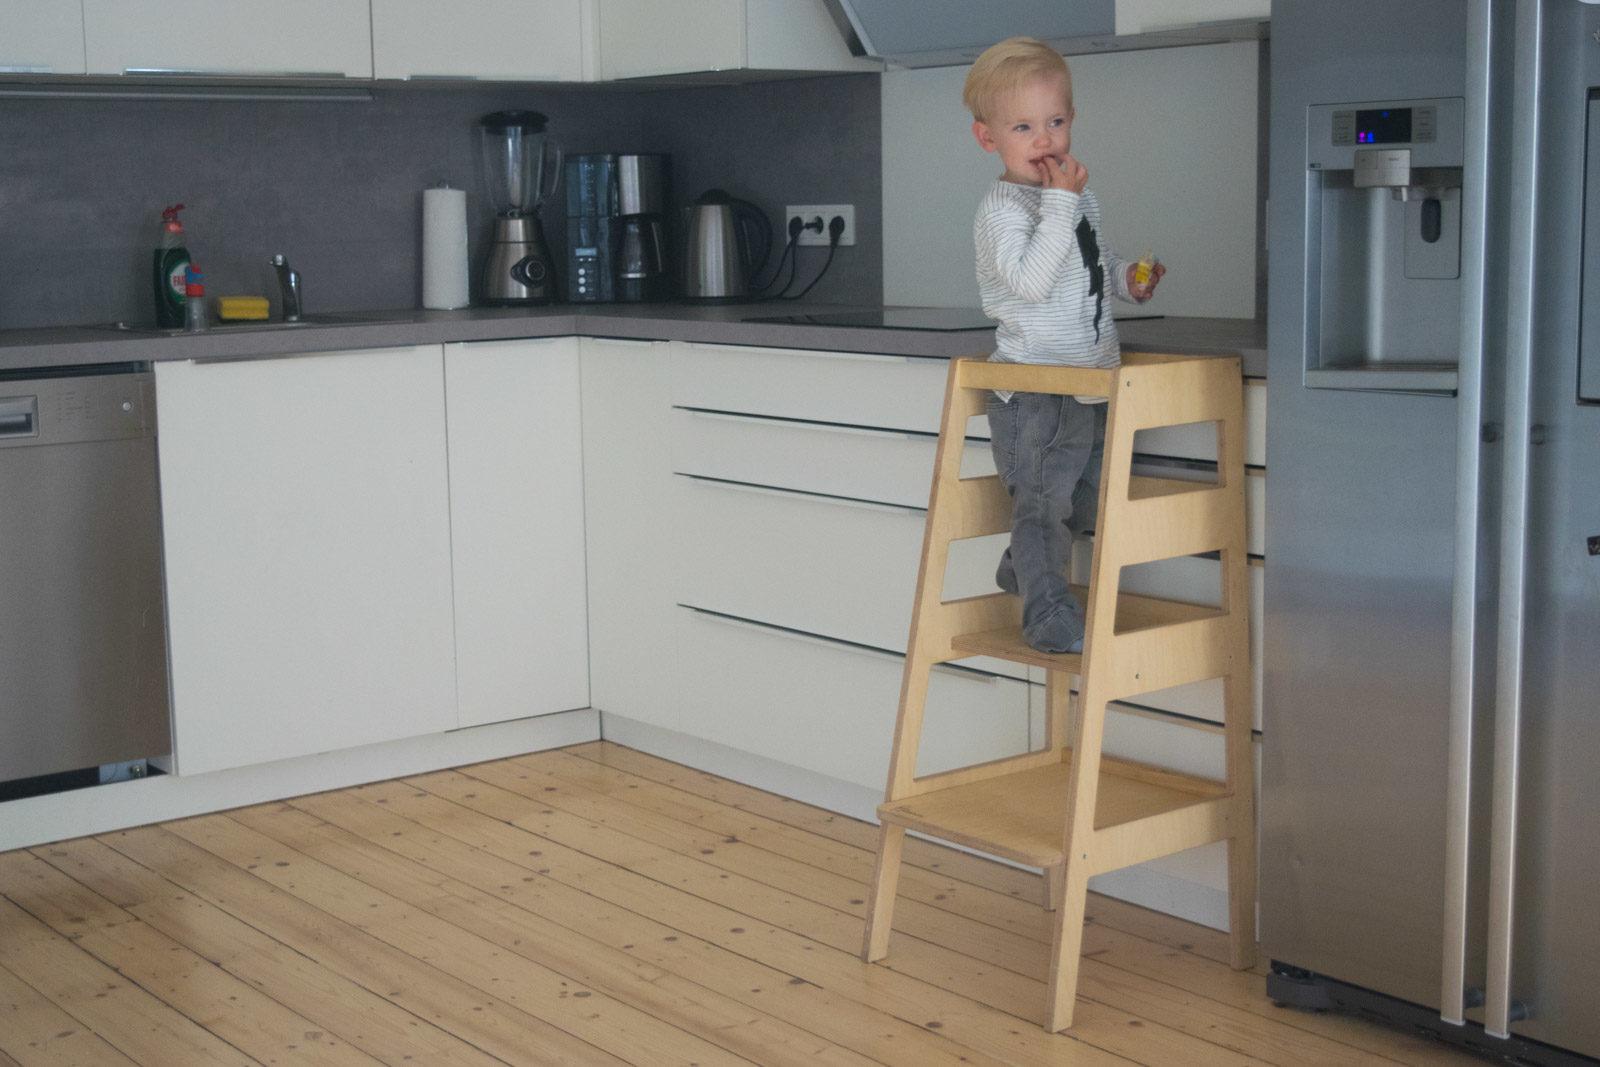 ikea hack stuhl kuche kinder. Black Bedroom Furniture Sets. Home Design Ideas